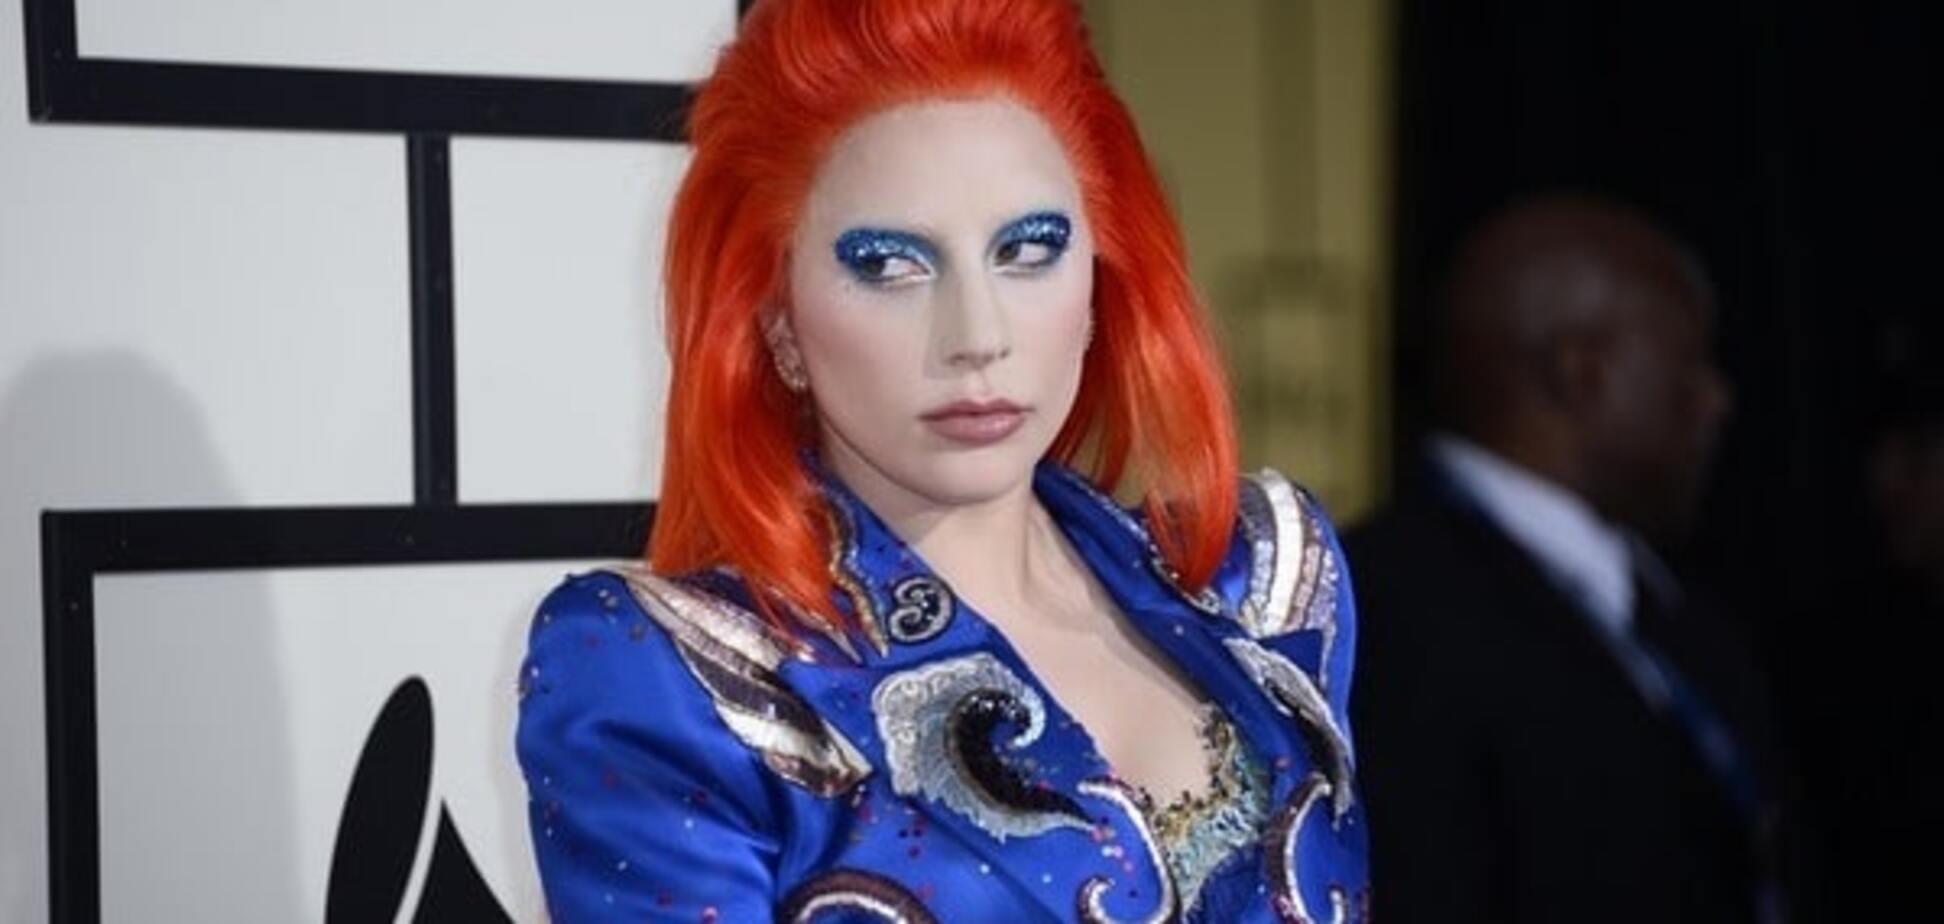 Леди Гага с пауком на лице в образе Дэвида Боуи ужаснула Grammy: опубликовано видео